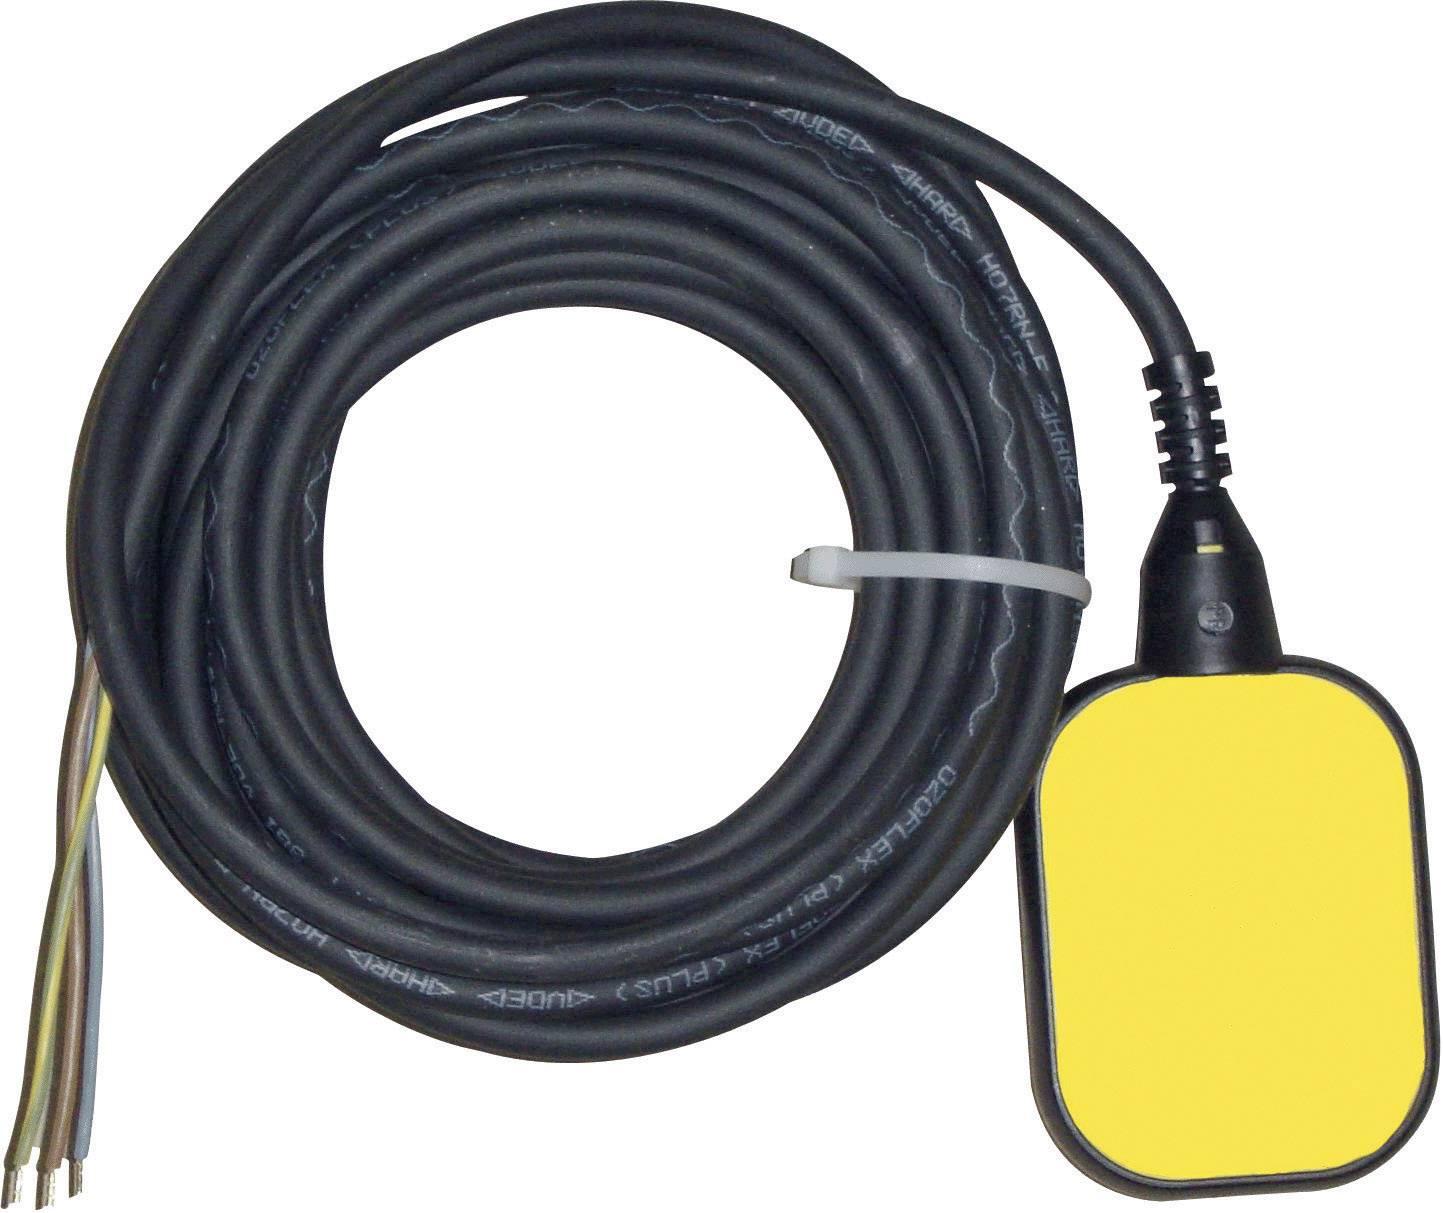 Plavákový spínač pre vypúšťanie Zehnder Pumpen 14509, 2 m, žltý